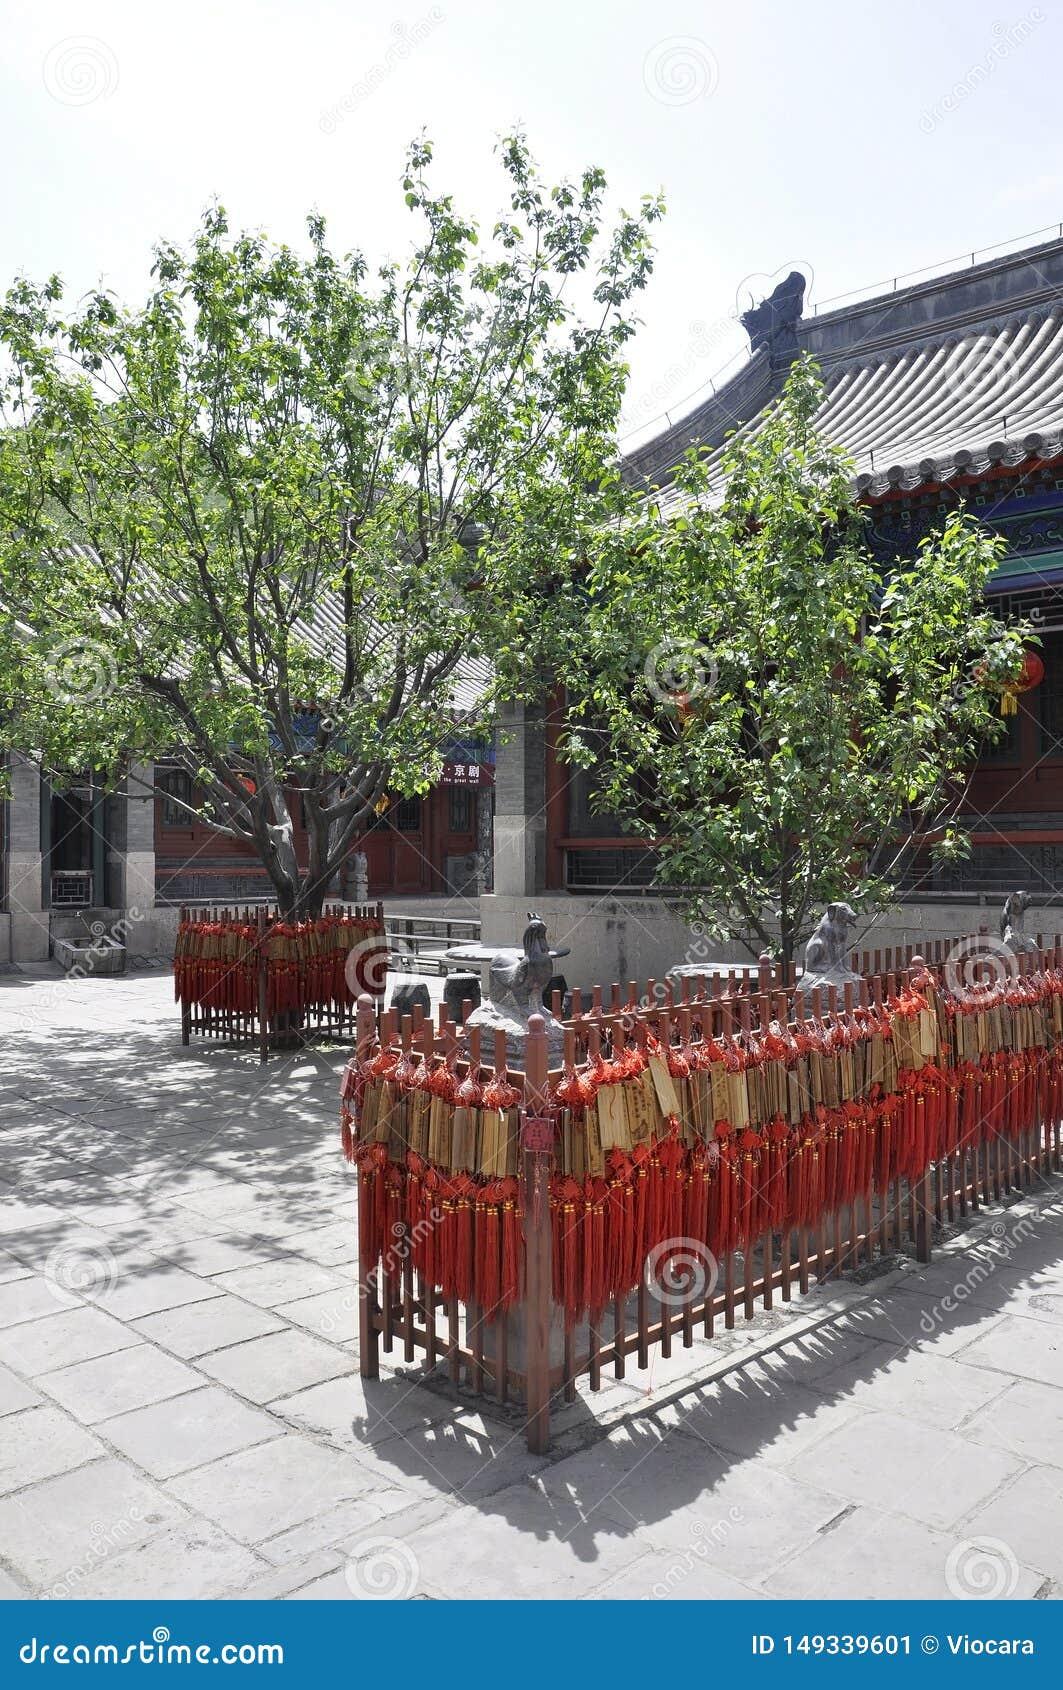 居庸关庭院汉语长城祷告地方